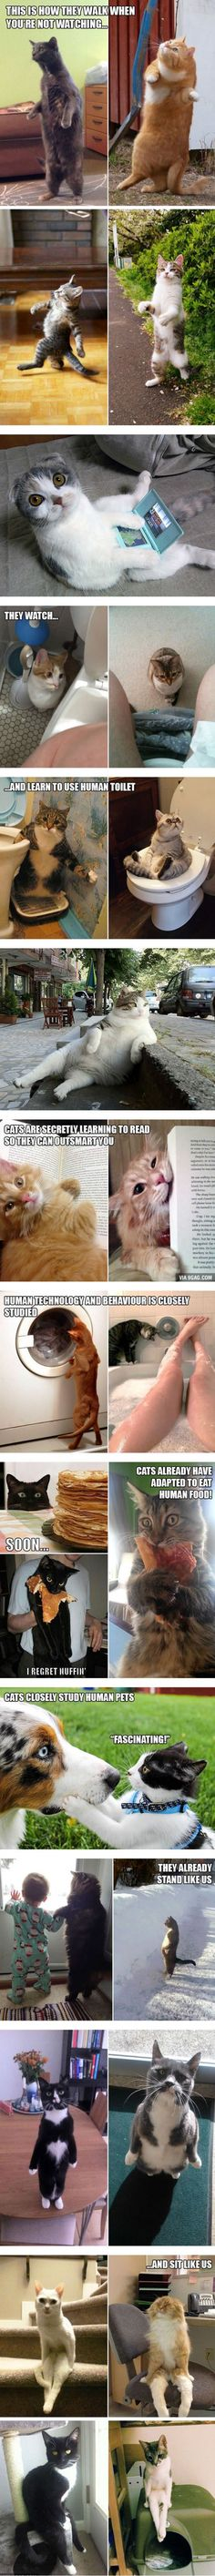 SeniorenNet - Grappig of Schattig - katten in een onbewaakt moment... SeniorenNet - de startpagina voor senioren: de nieuwe 50-plussers